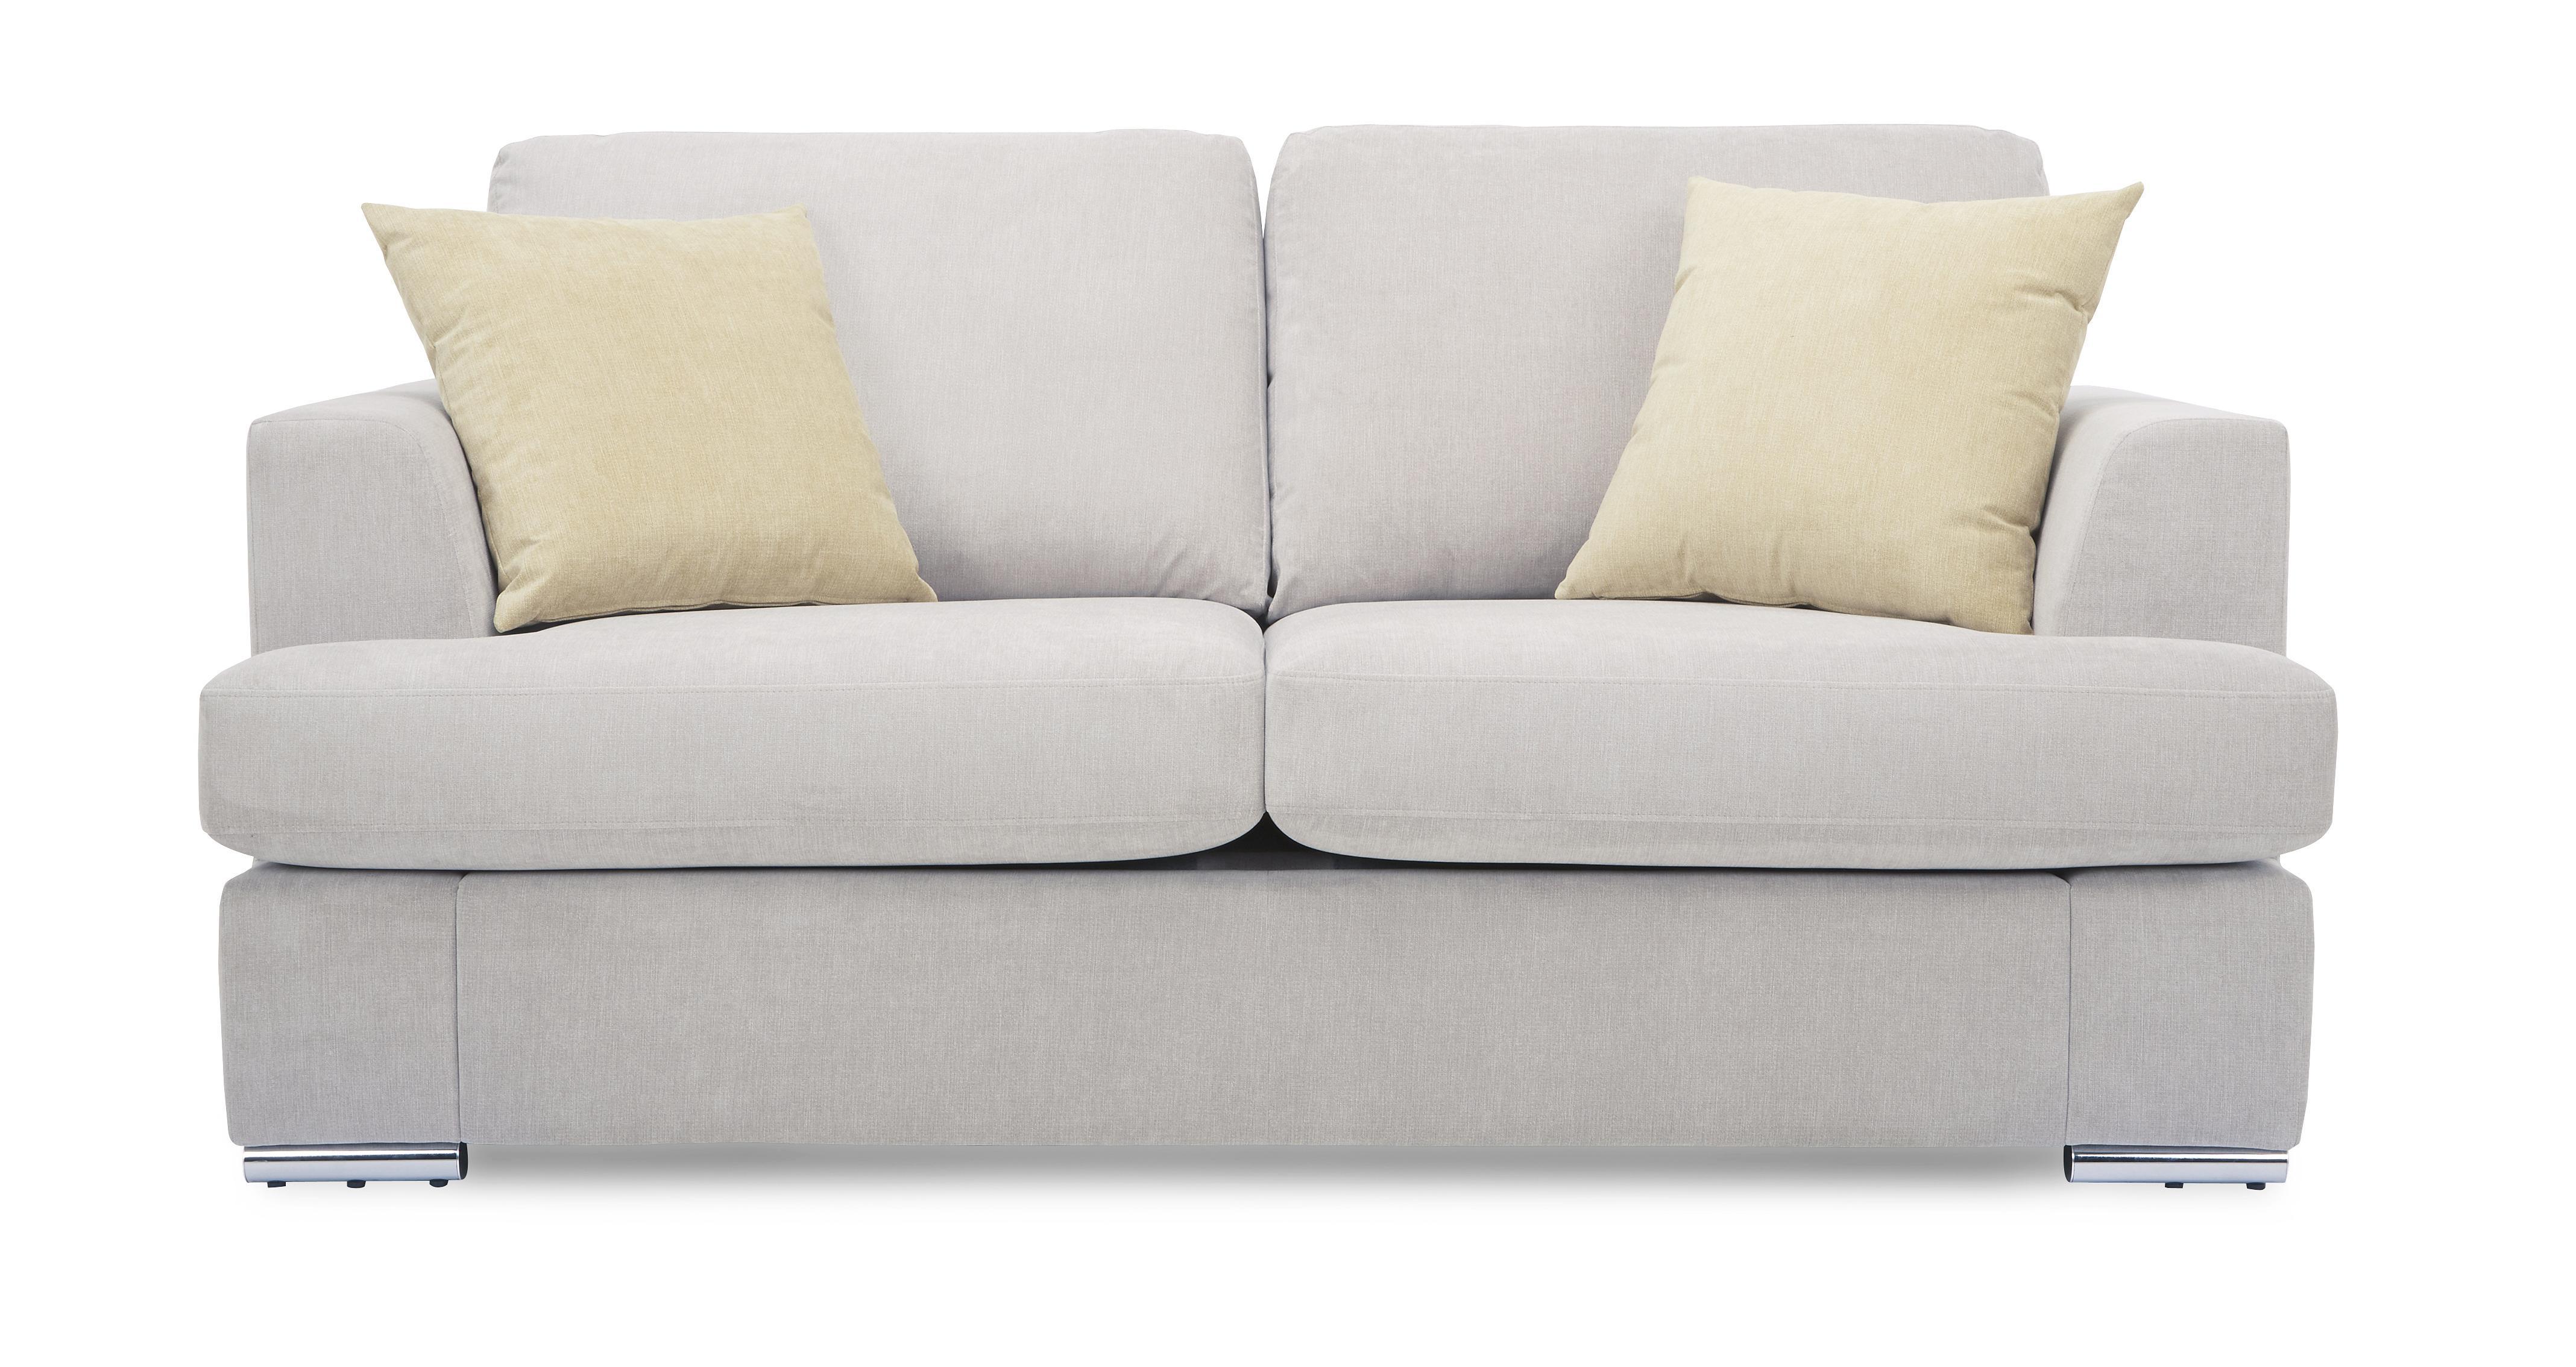 dfs sofas 2 seater leather sofa repair austin texas freya